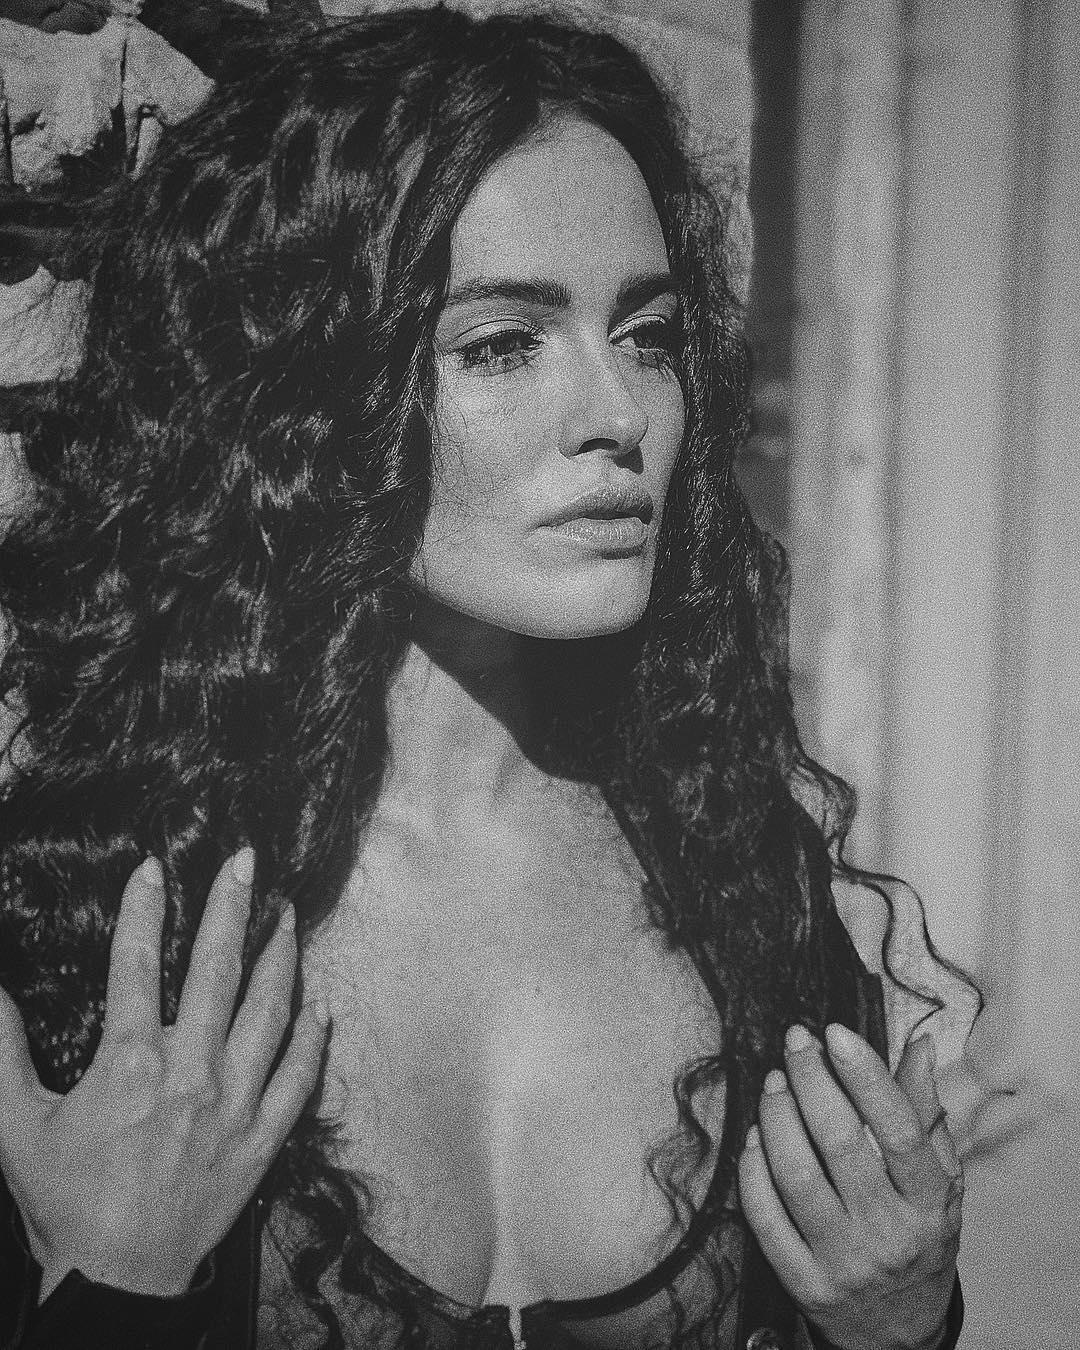 Даша Астафьева: by @nickyashika#photo @nickyashika #light @anton_shatohin #hairstyle @sv_atelier @serg.vorontsov #mua @mogila_tatiana #muaassistant @mariya_akatova #agent @anna_gurban #style by @valery_kovalska